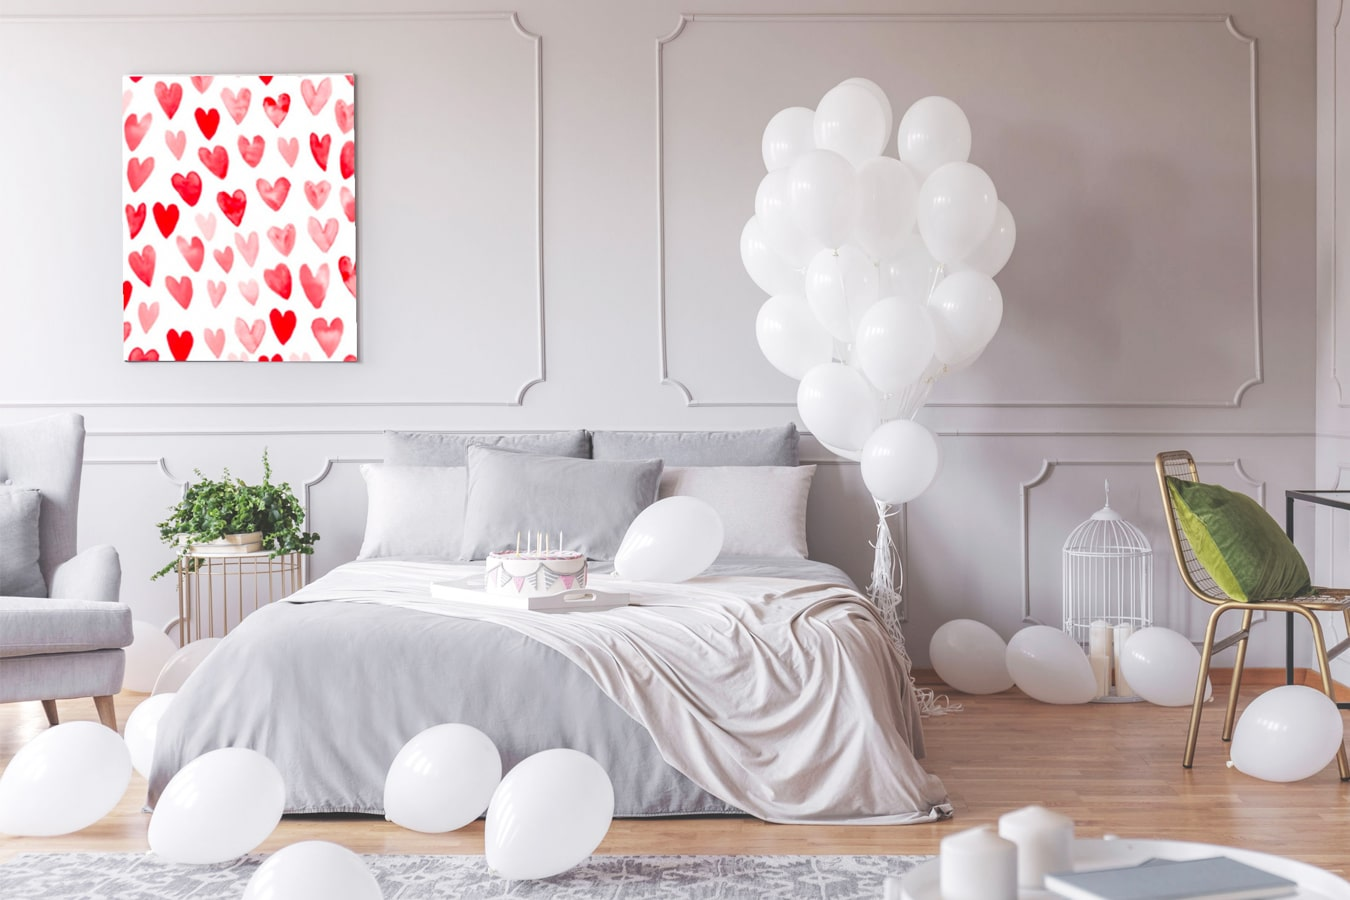 décoration romantique